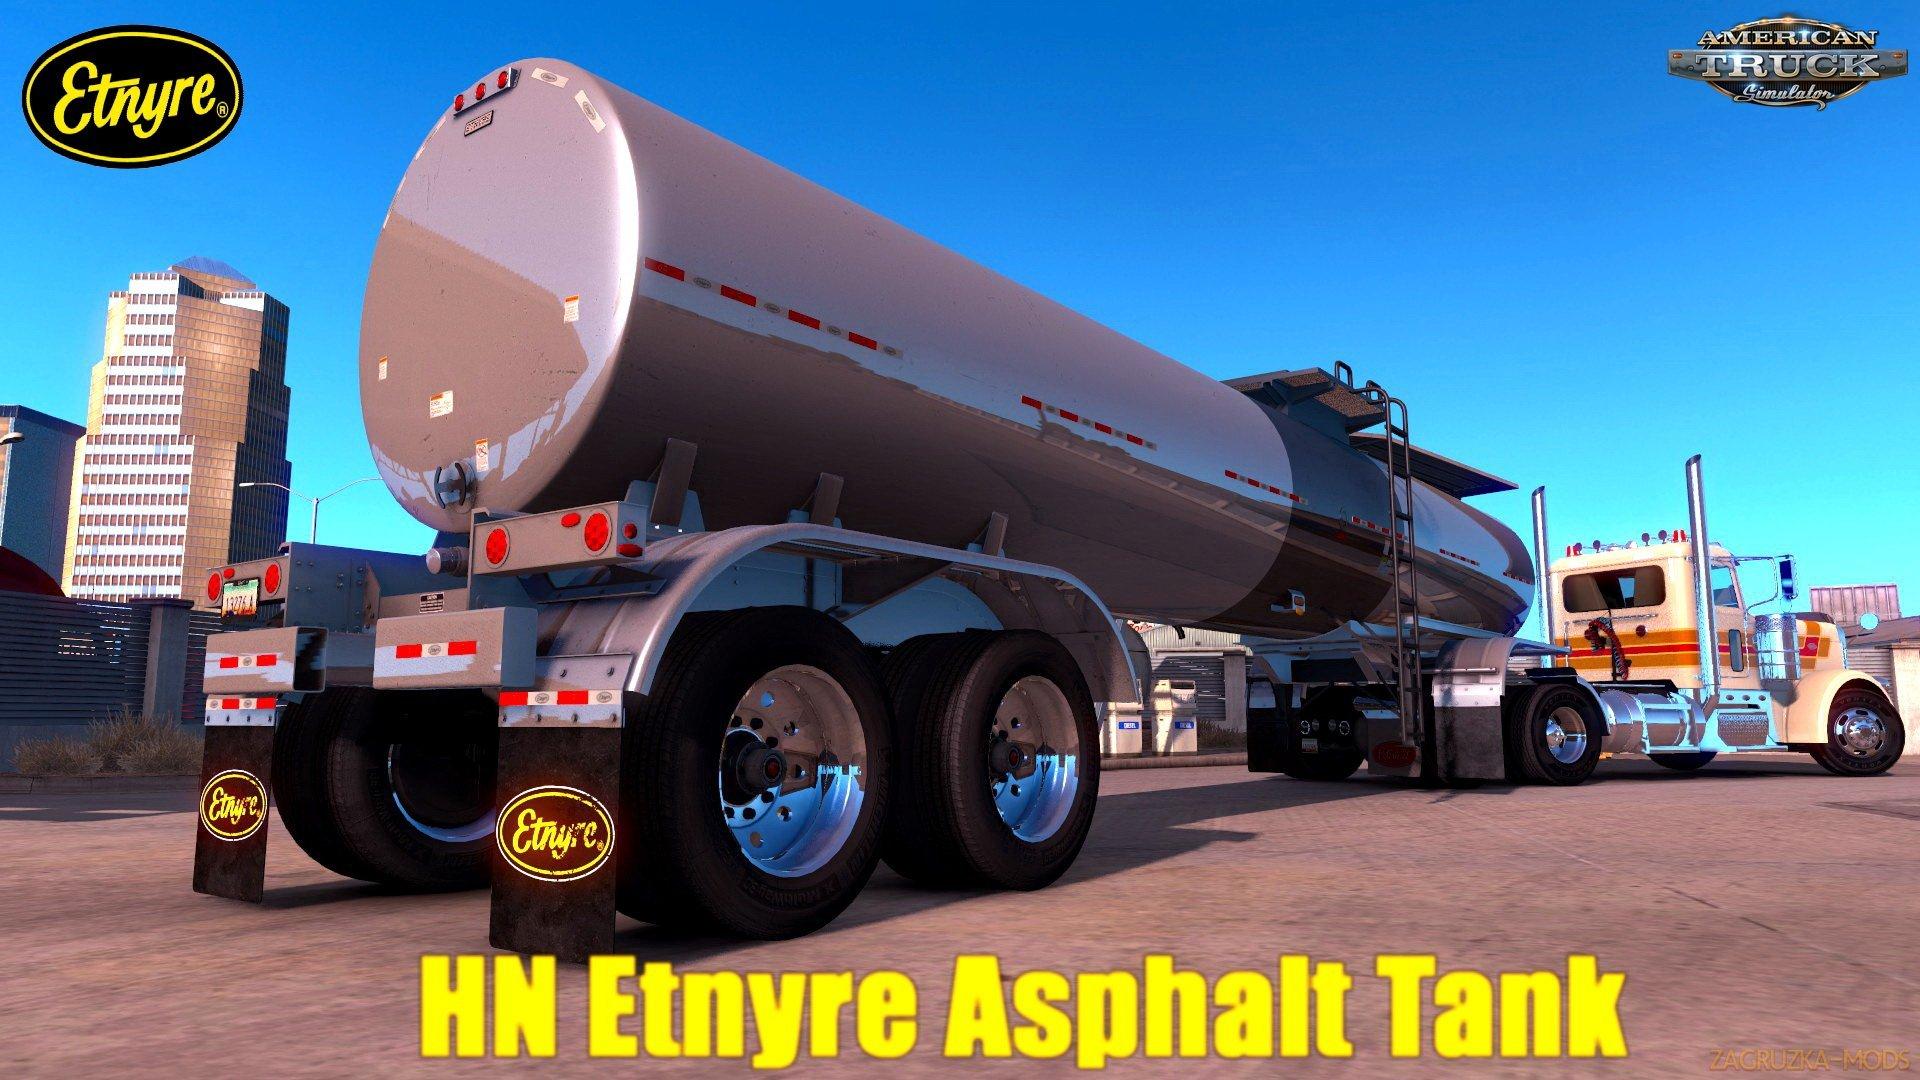 Trailer Etnyre Asphalt Tanker Ownable v3.0 (1.35.x) for ATS